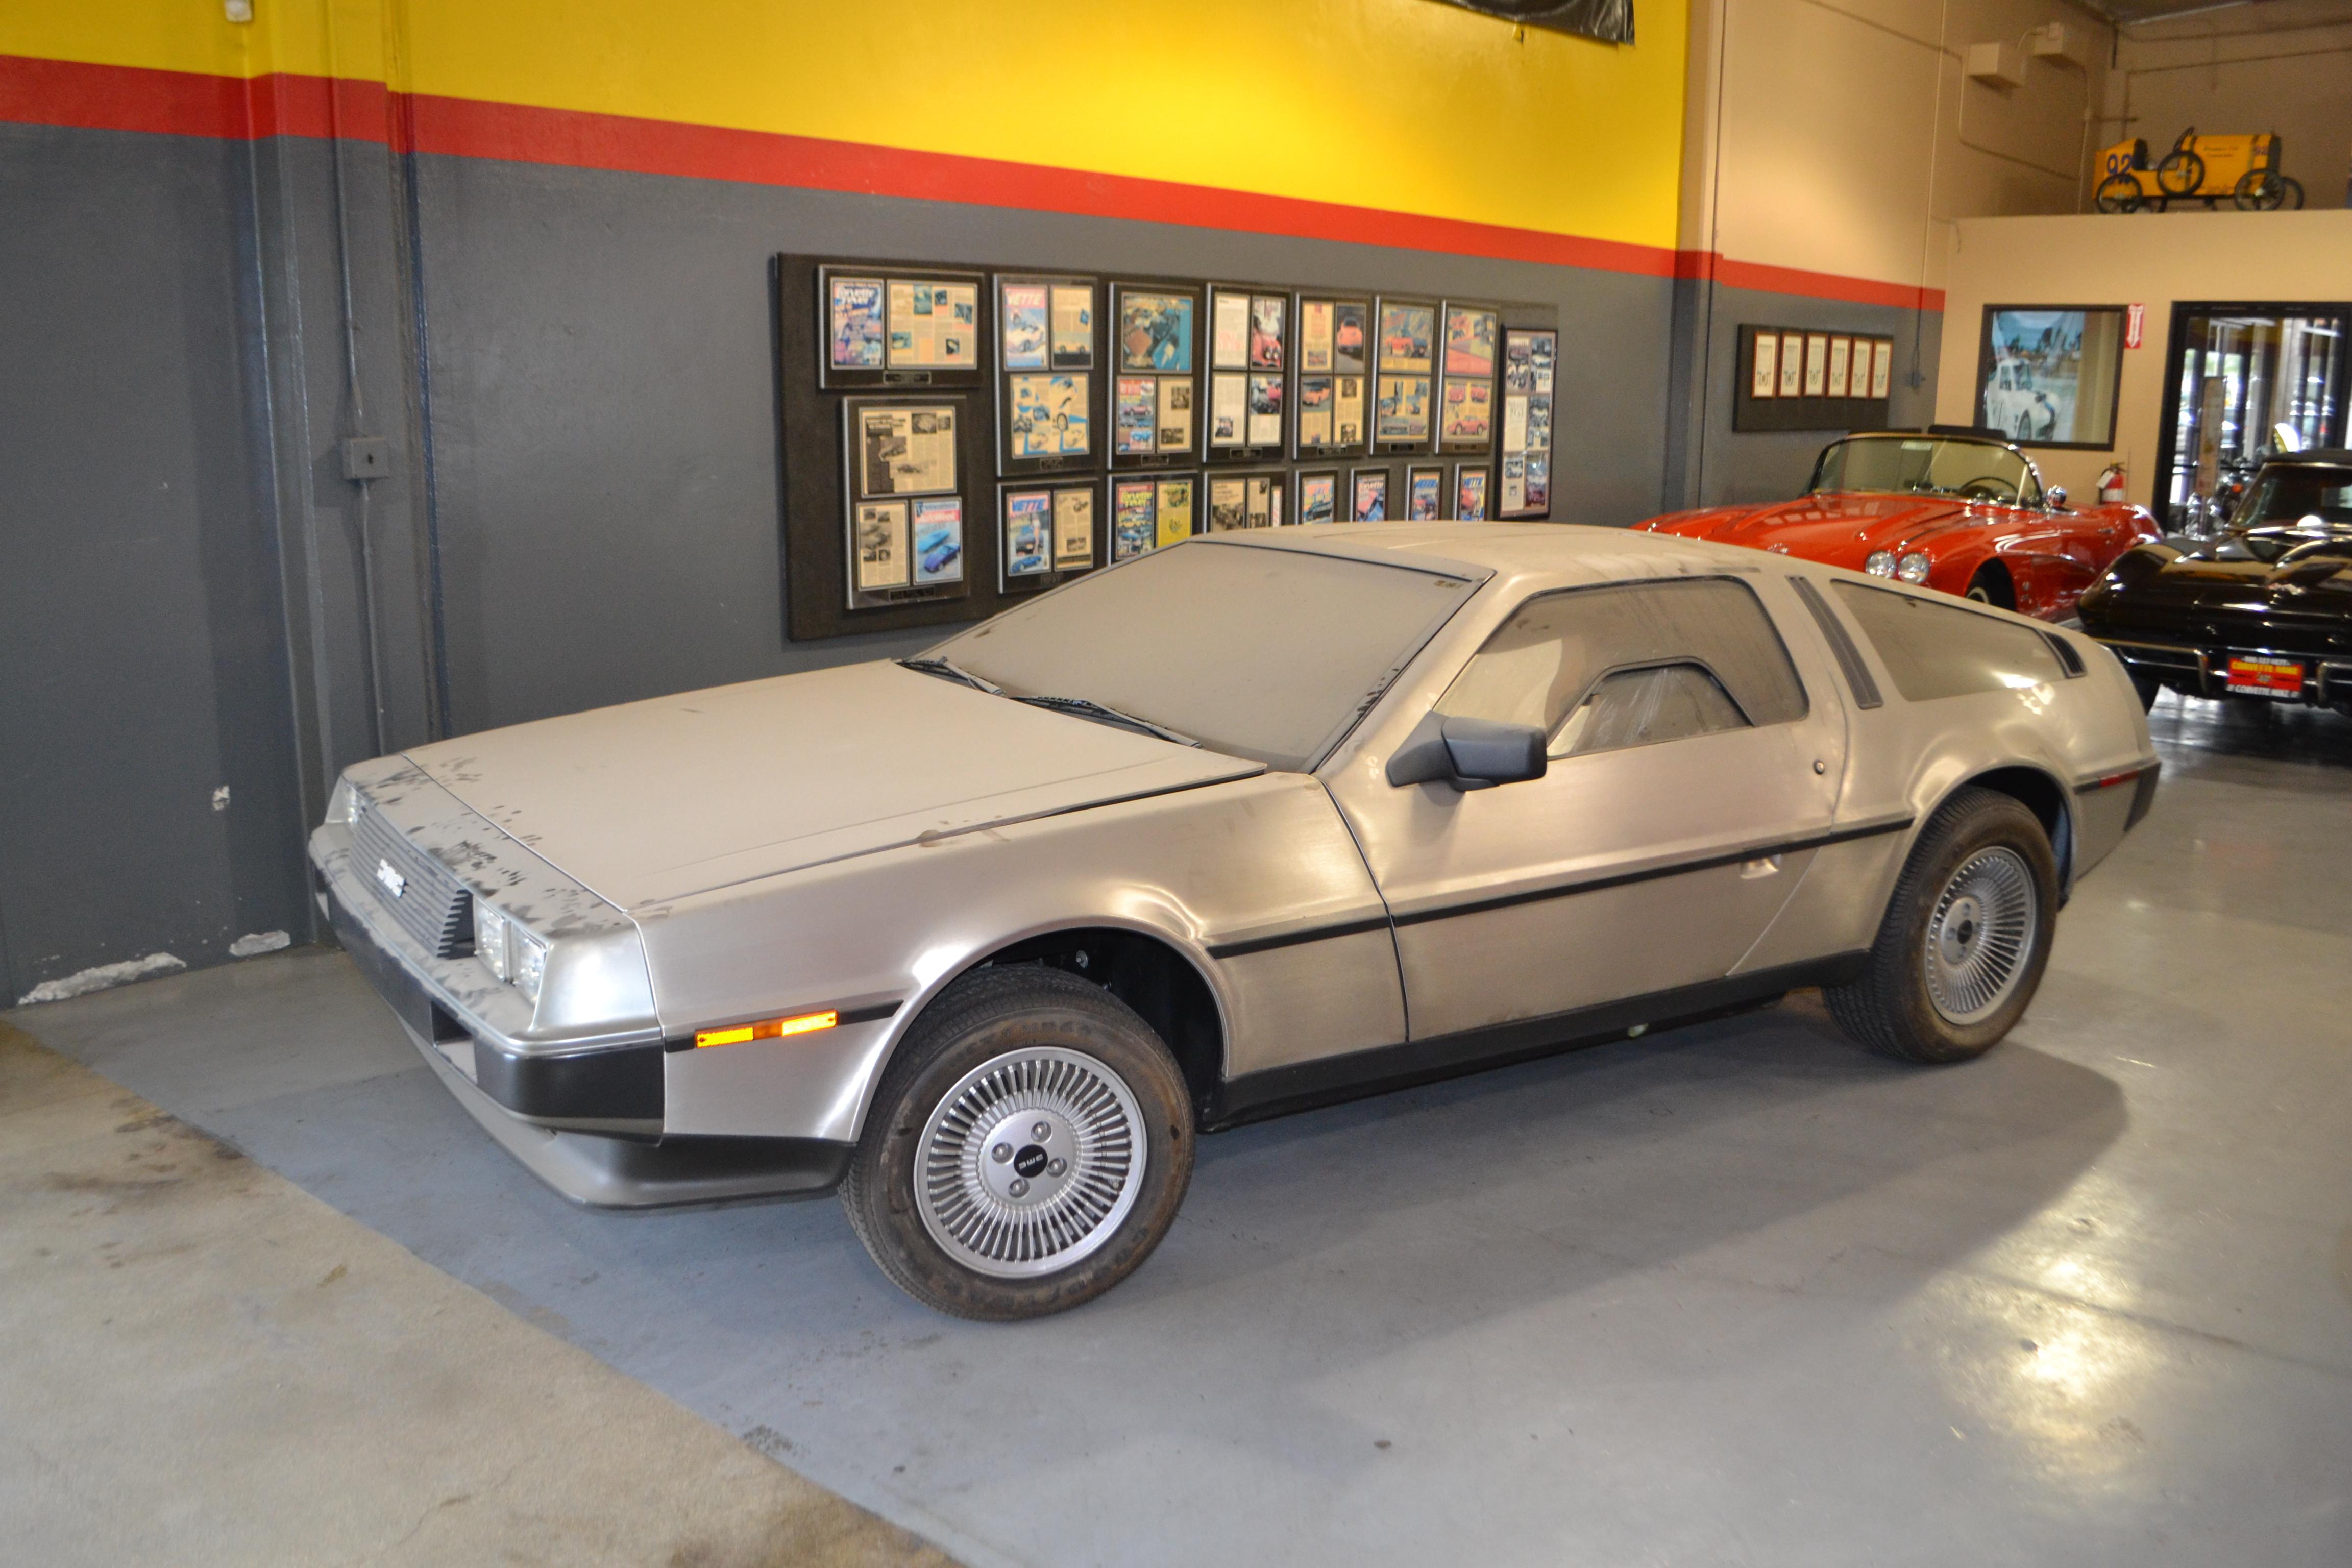 Barn Find - 1981 DeLorean DMC-12 (Photo: Business Wire)